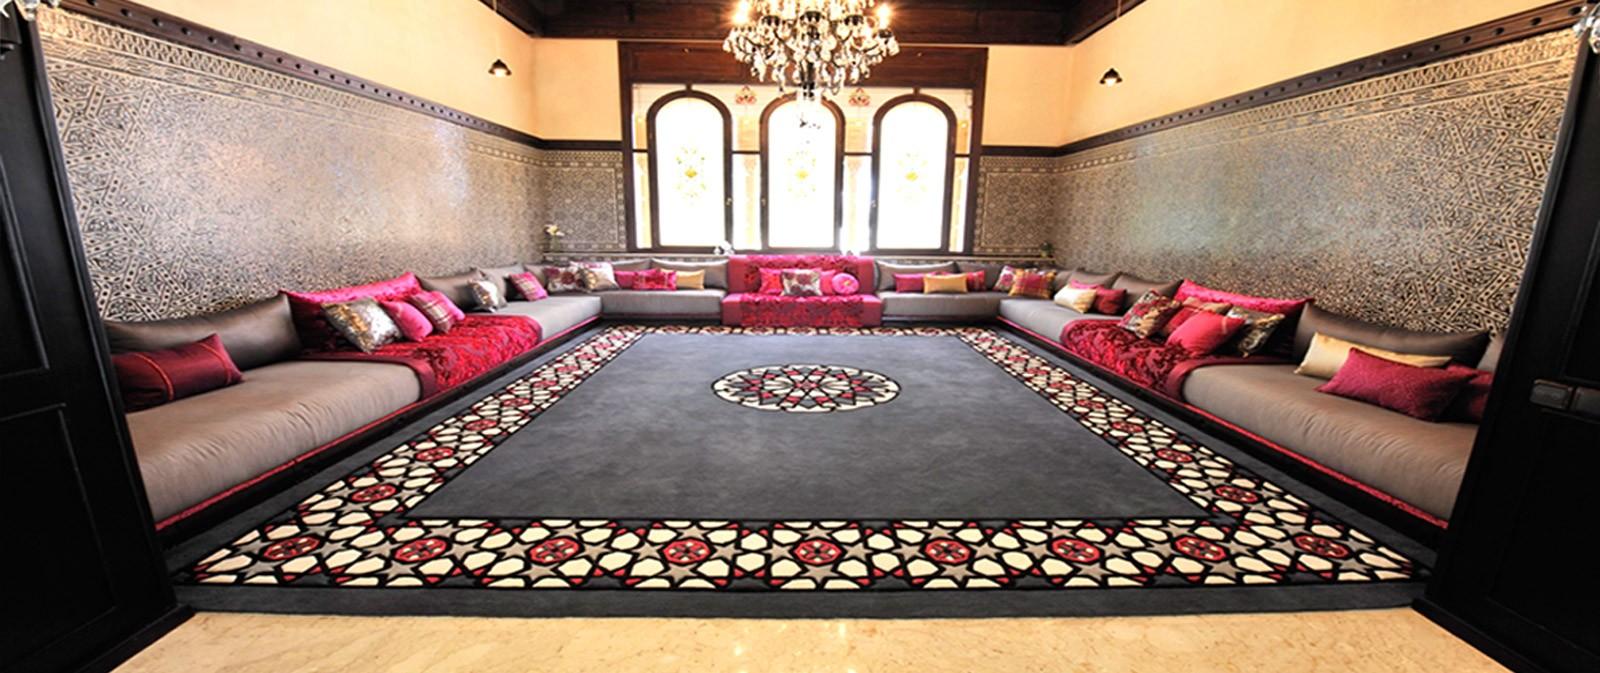 meilleur style du d cor traditionnel pour salon marocain d co salon marocain. Black Bedroom Furniture Sets. Home Design Ideas